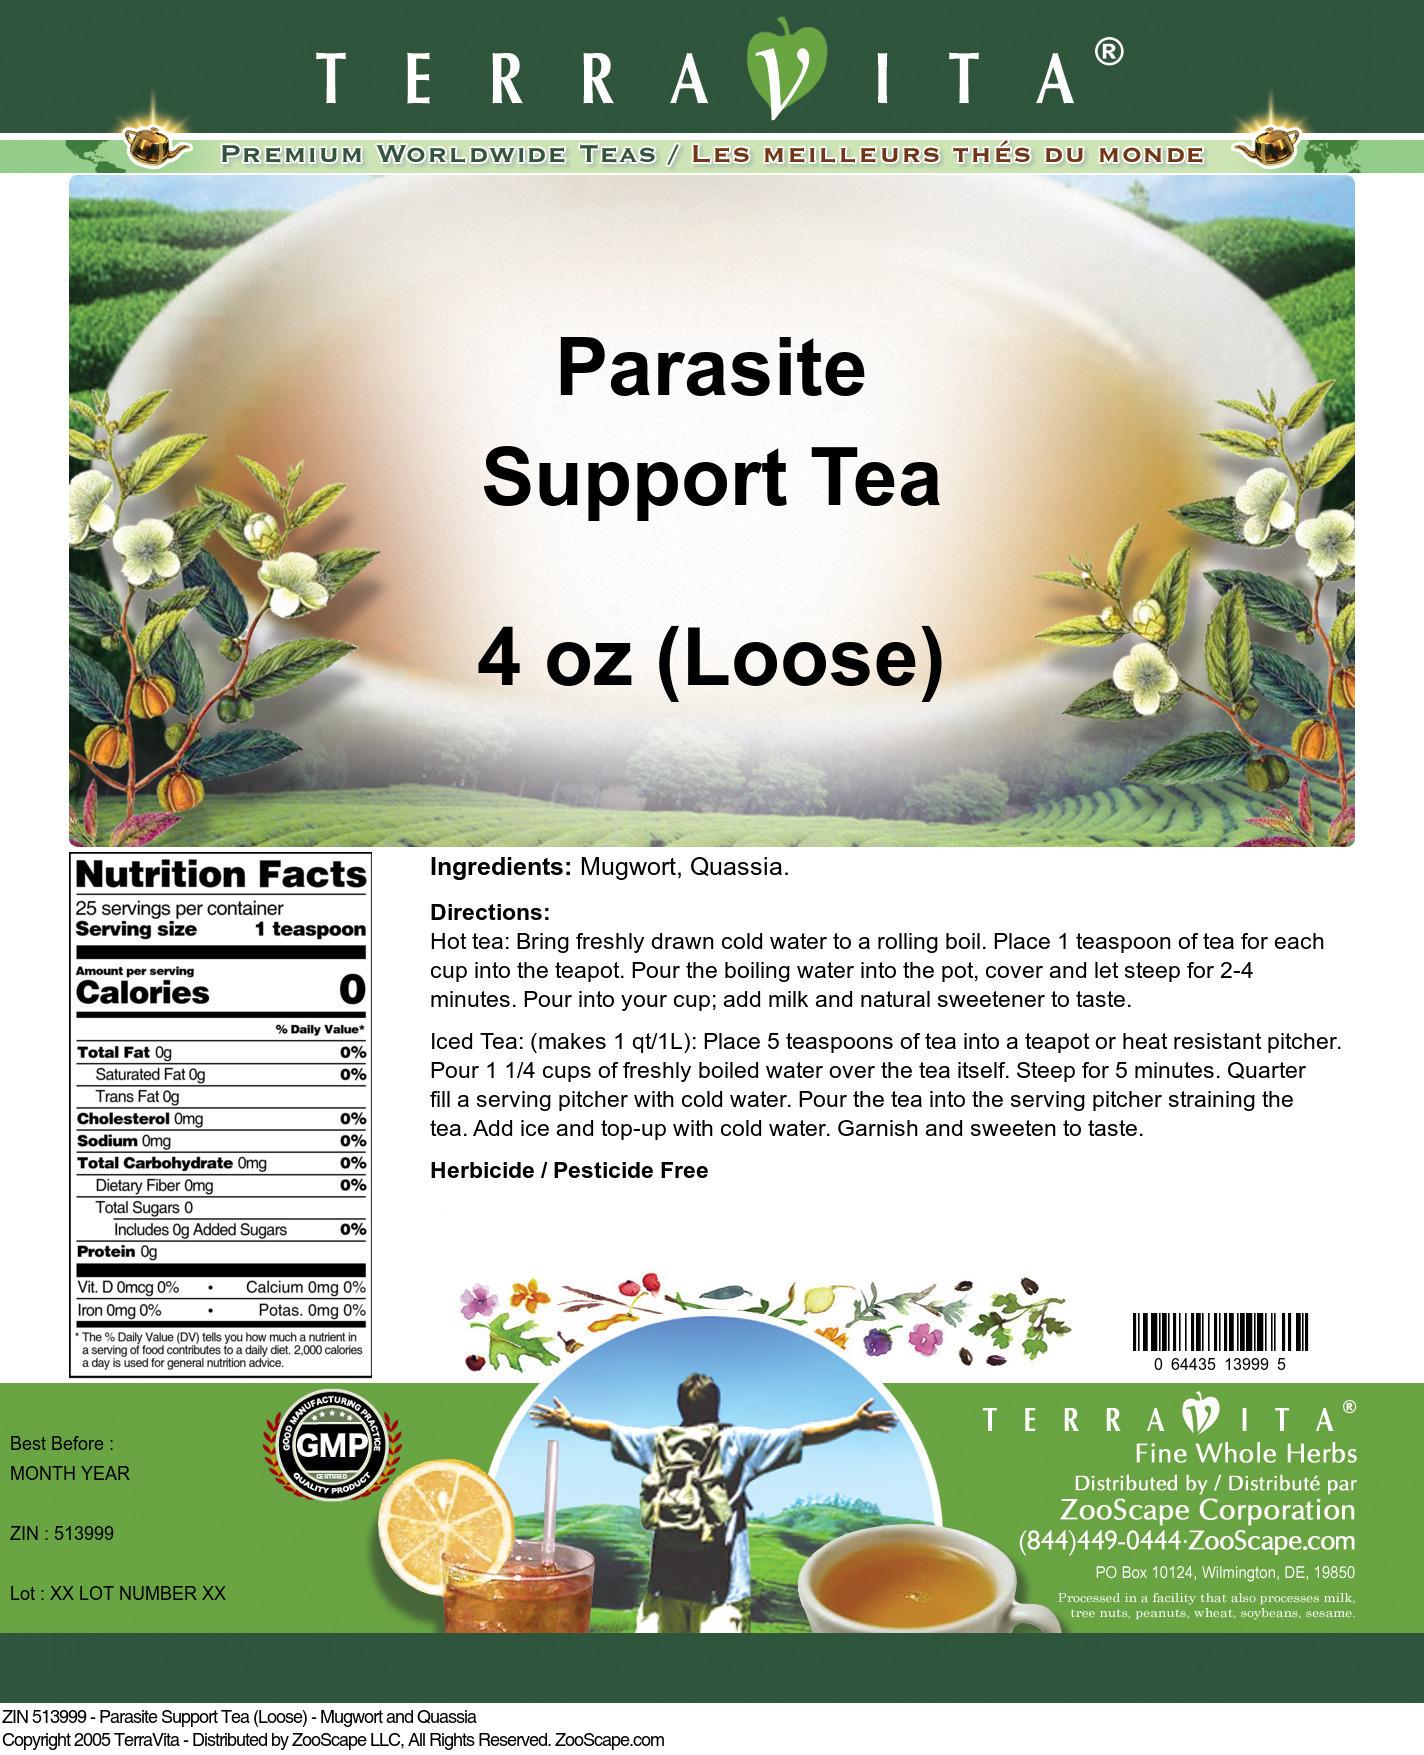 Parasite Support Tea (Loose) - Mugwort and Quassia